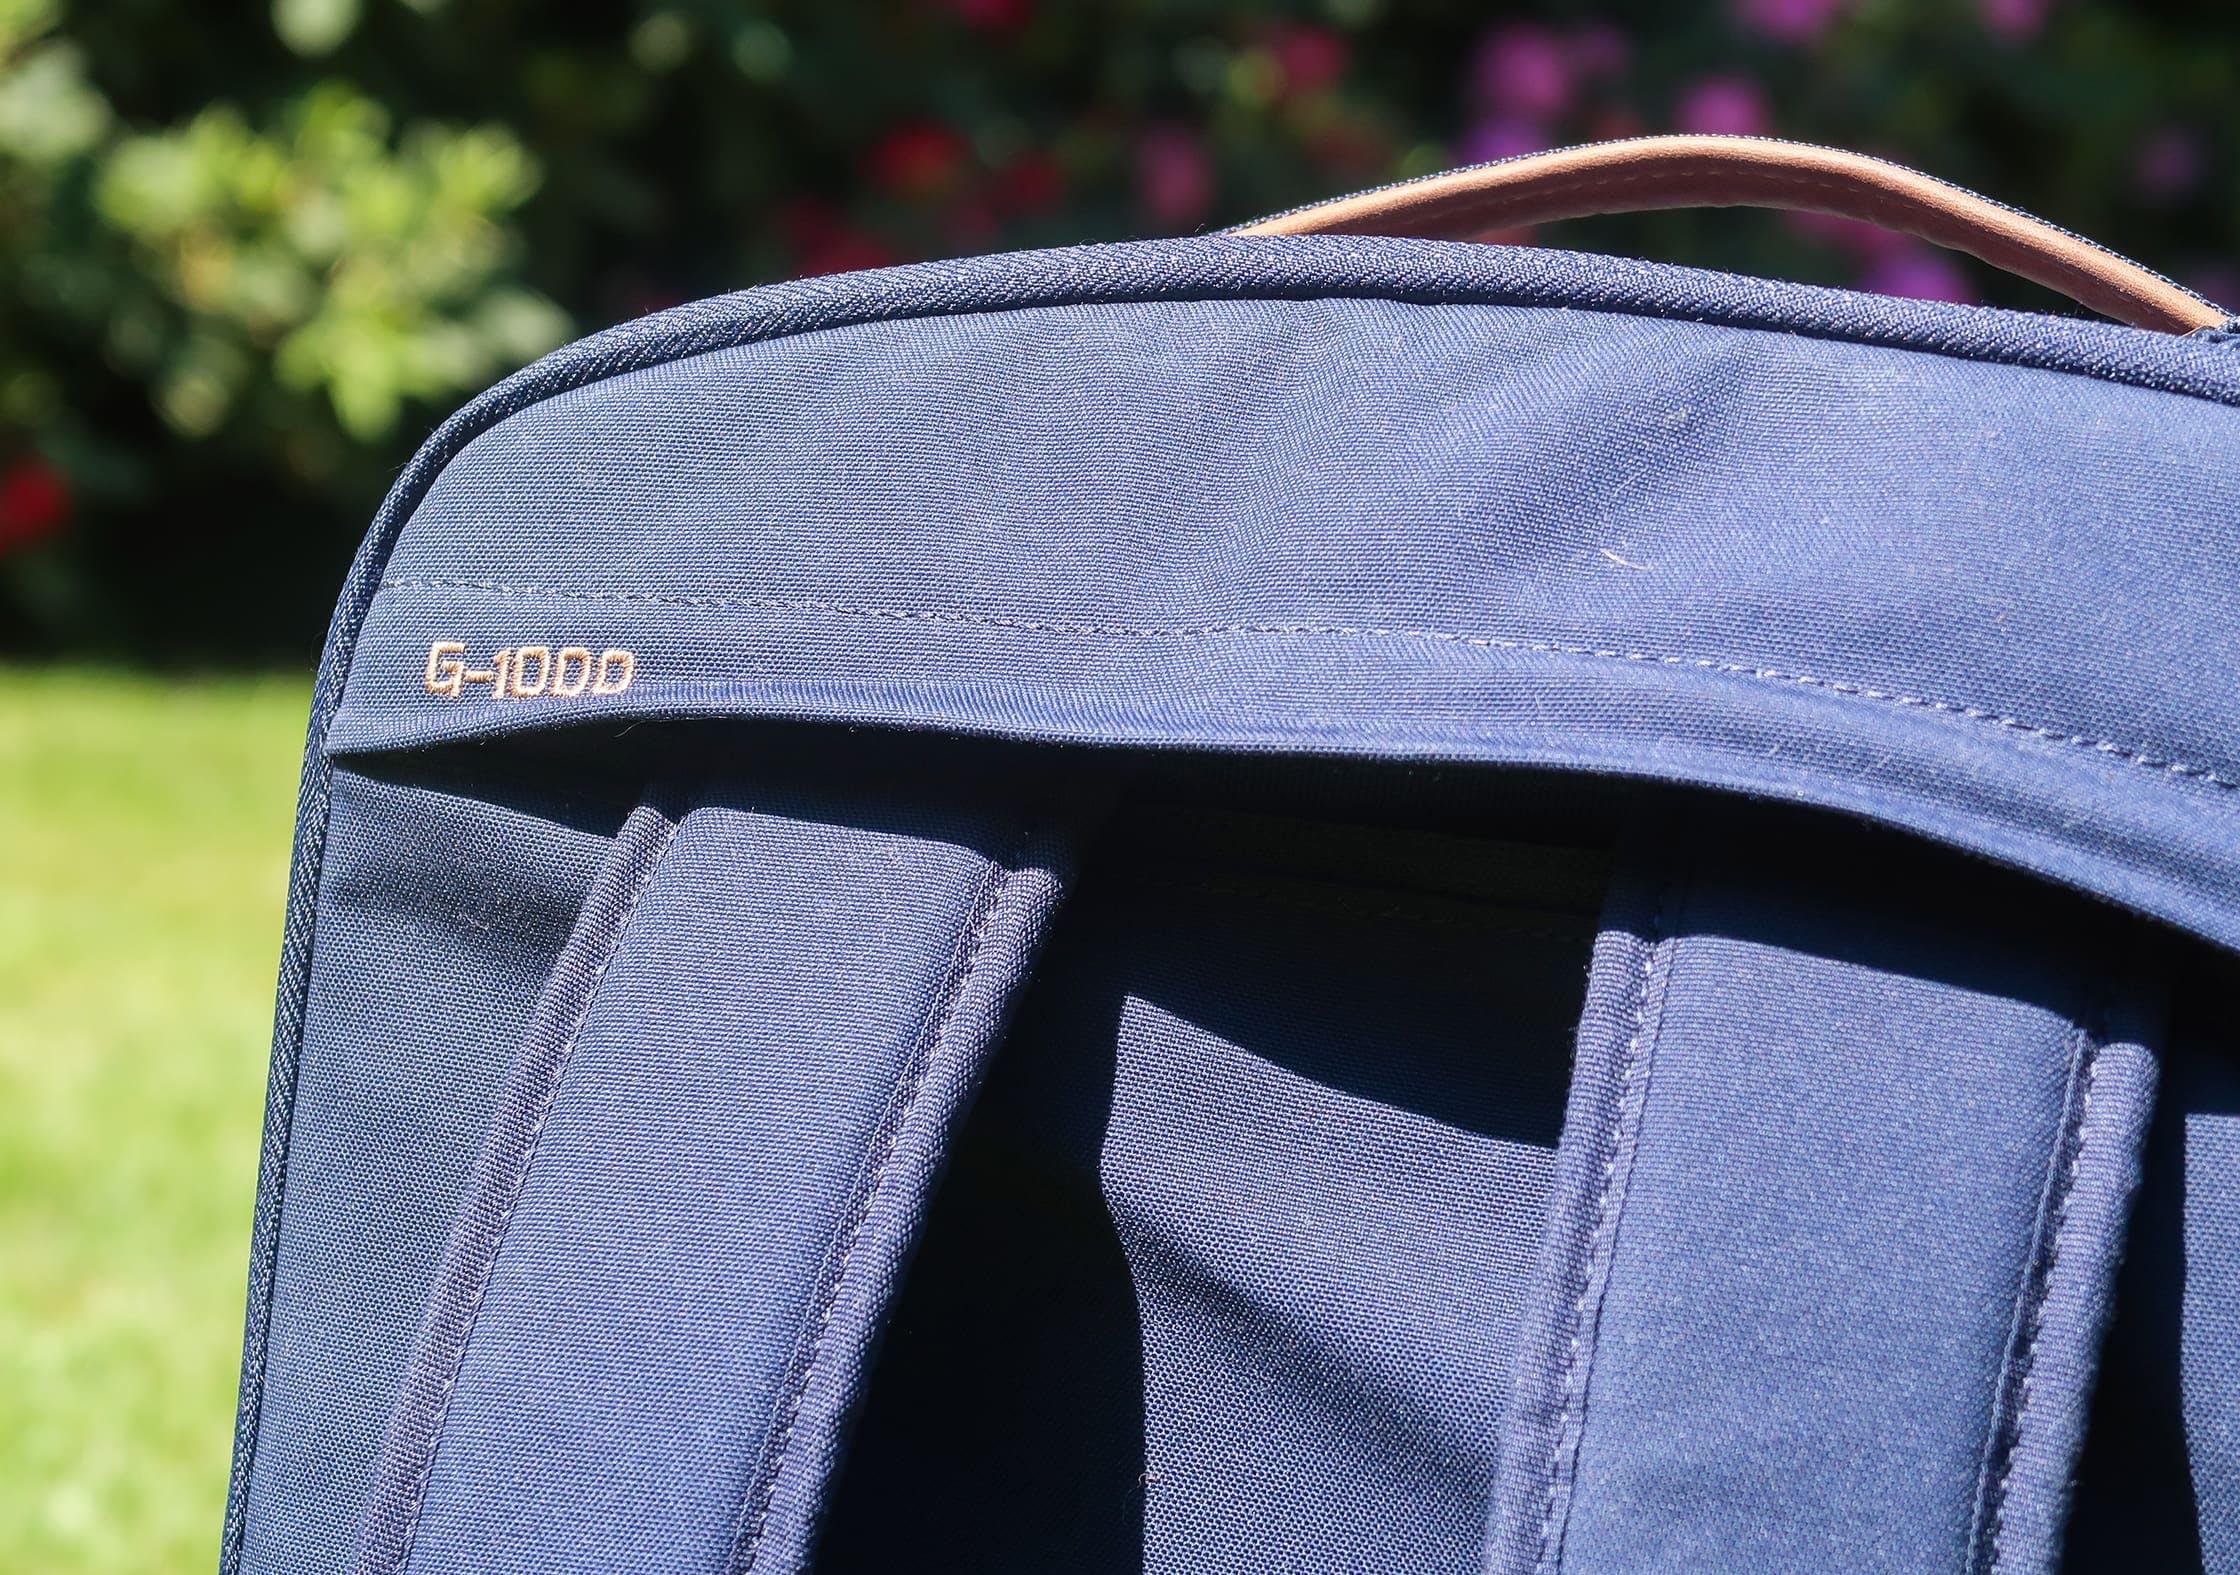 Fjallraven Travel Pack G-1000 Material